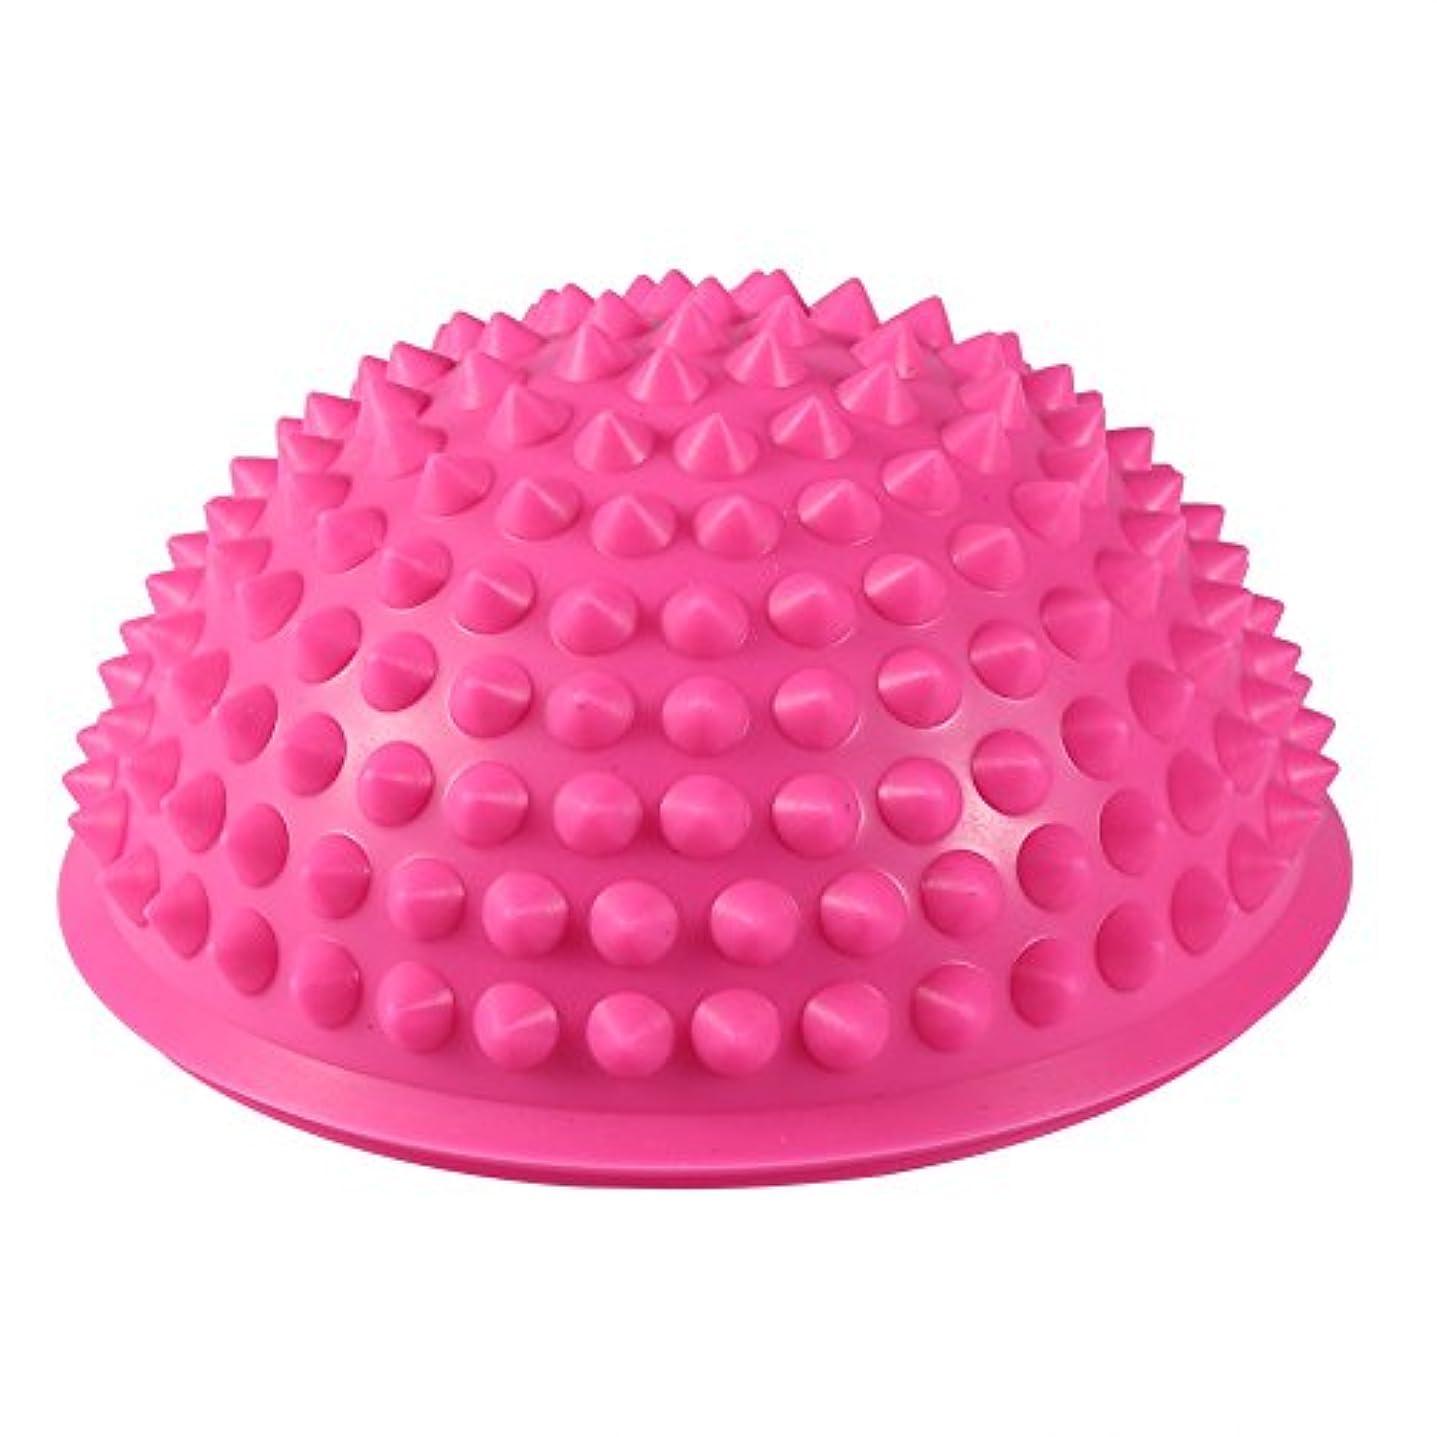 取得するフルーティー対応するハーフラウンドPVCマッサージボールヨガボールフィットネスエクササイズジムマッサージ5色(ピンク)